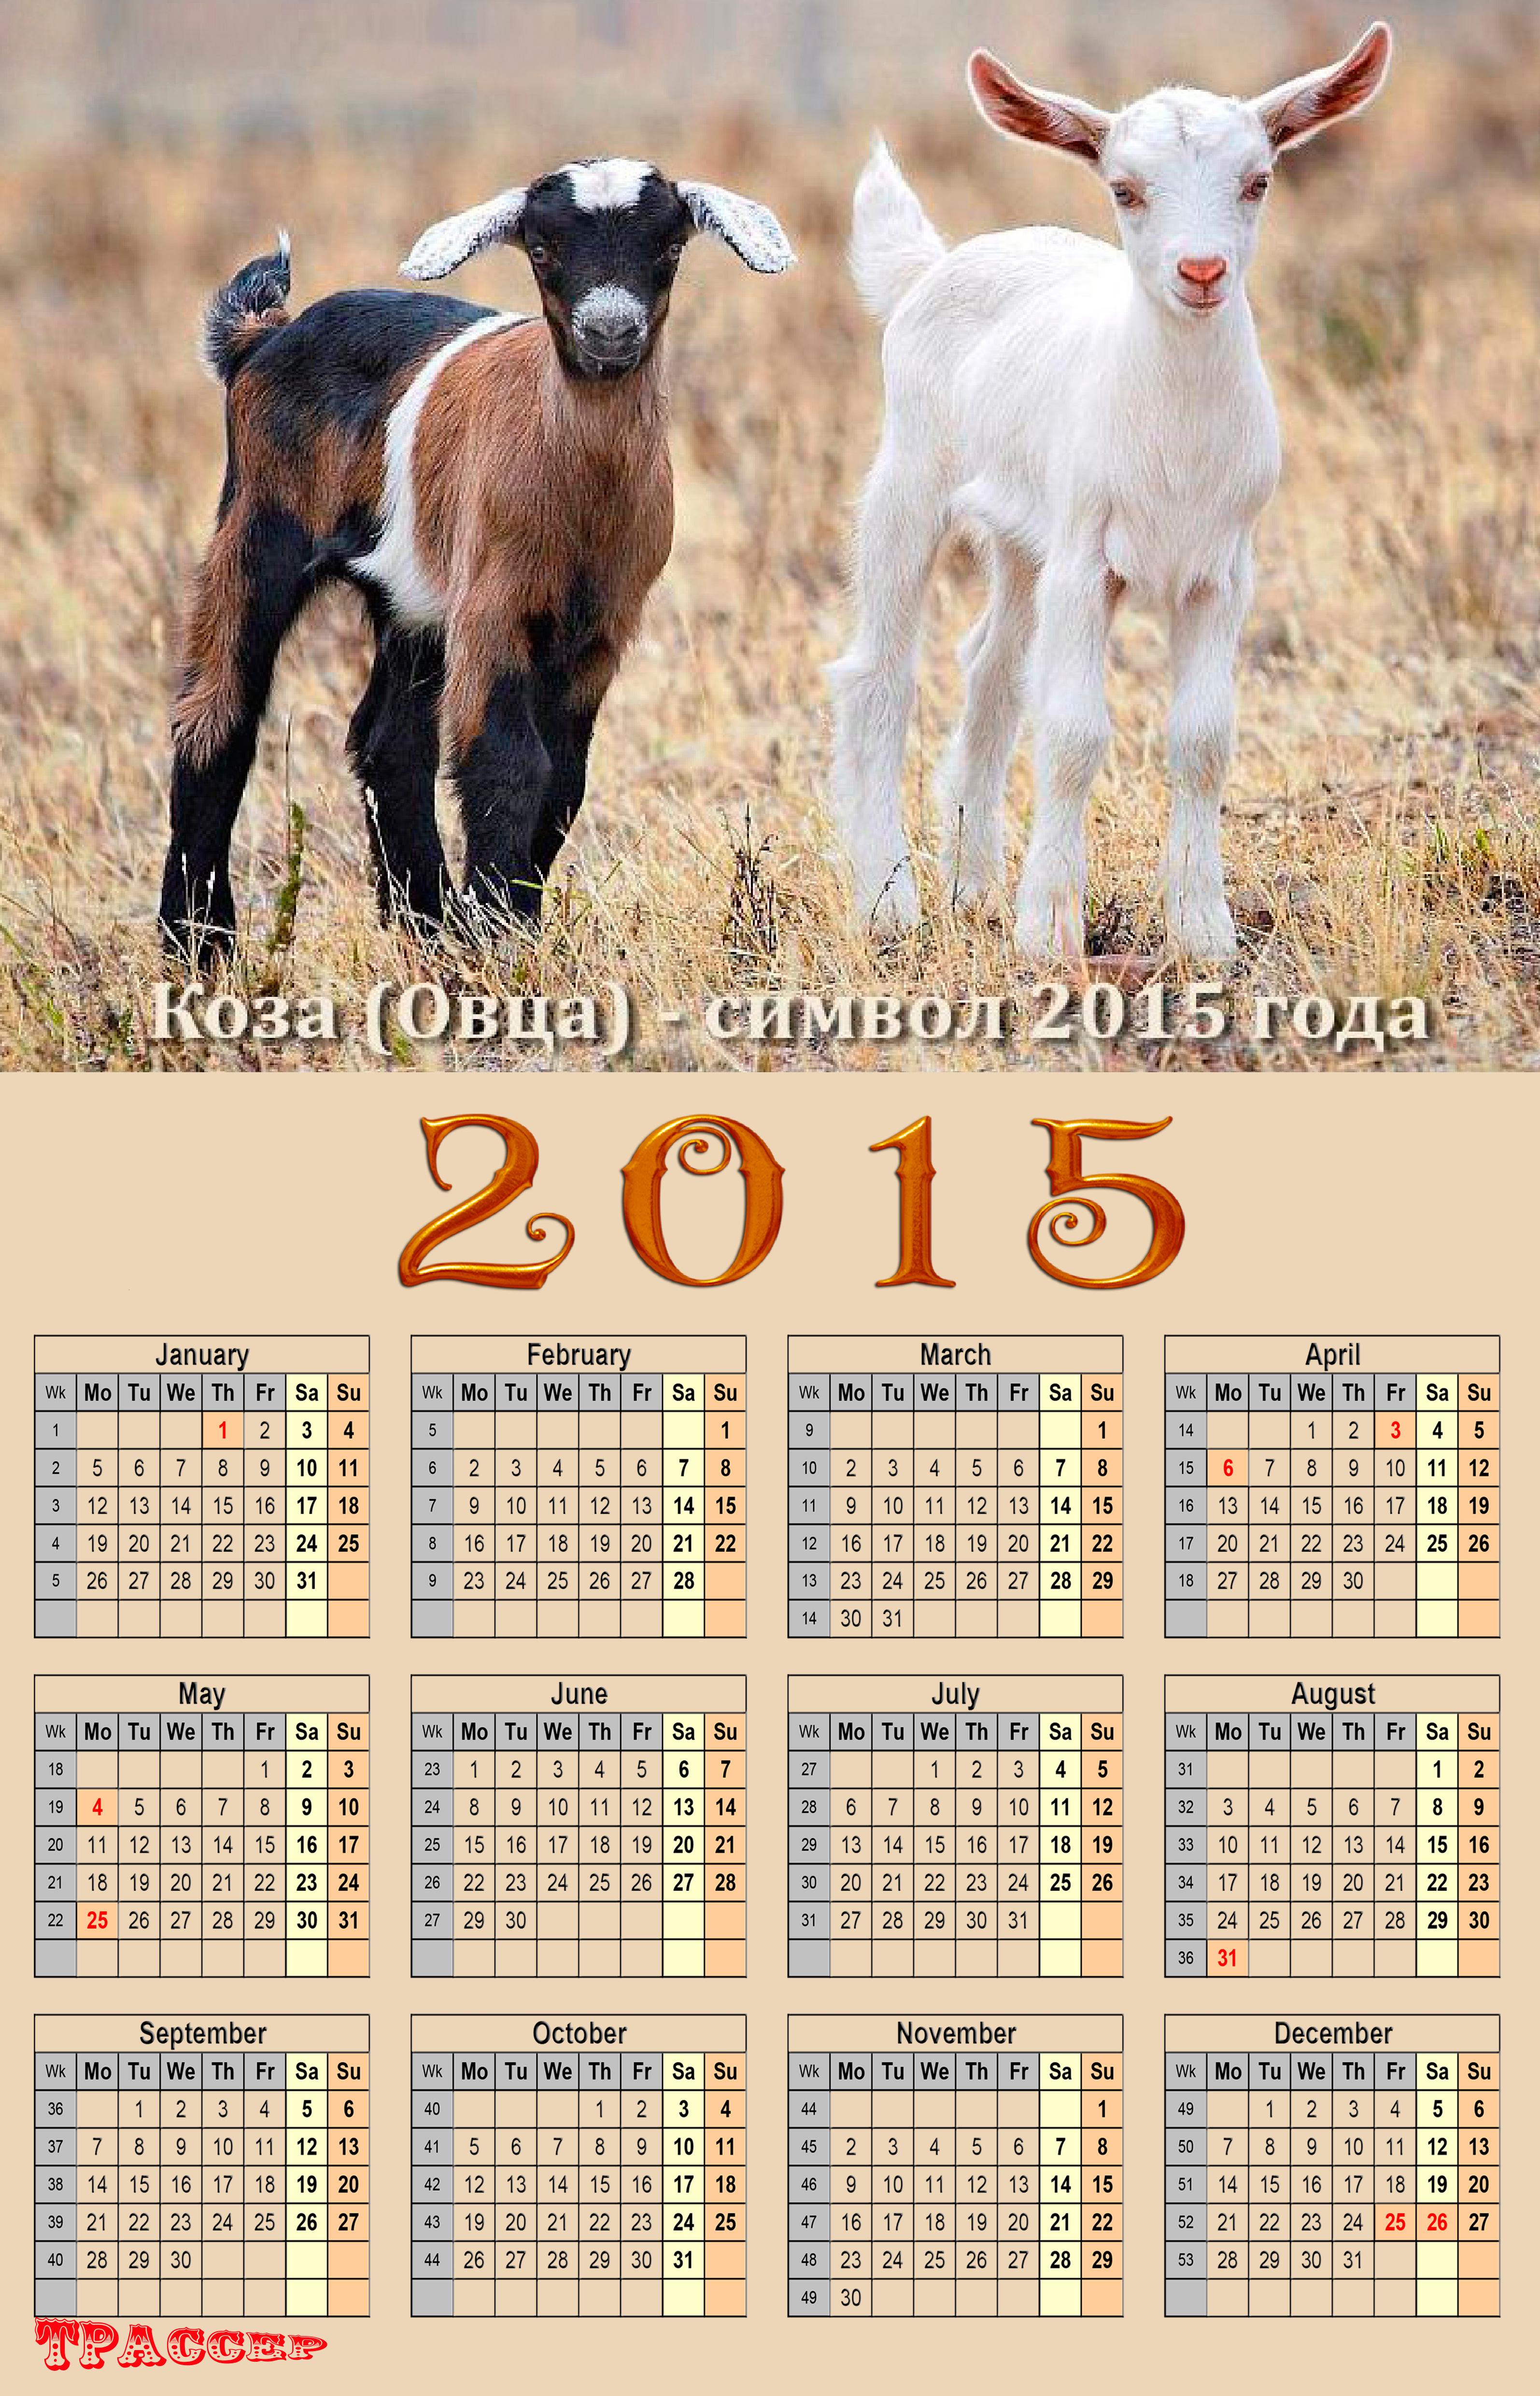 Шаблон календаря года козы 2015 с изображением той же козы, символикой которой будет весь 2015 год. .